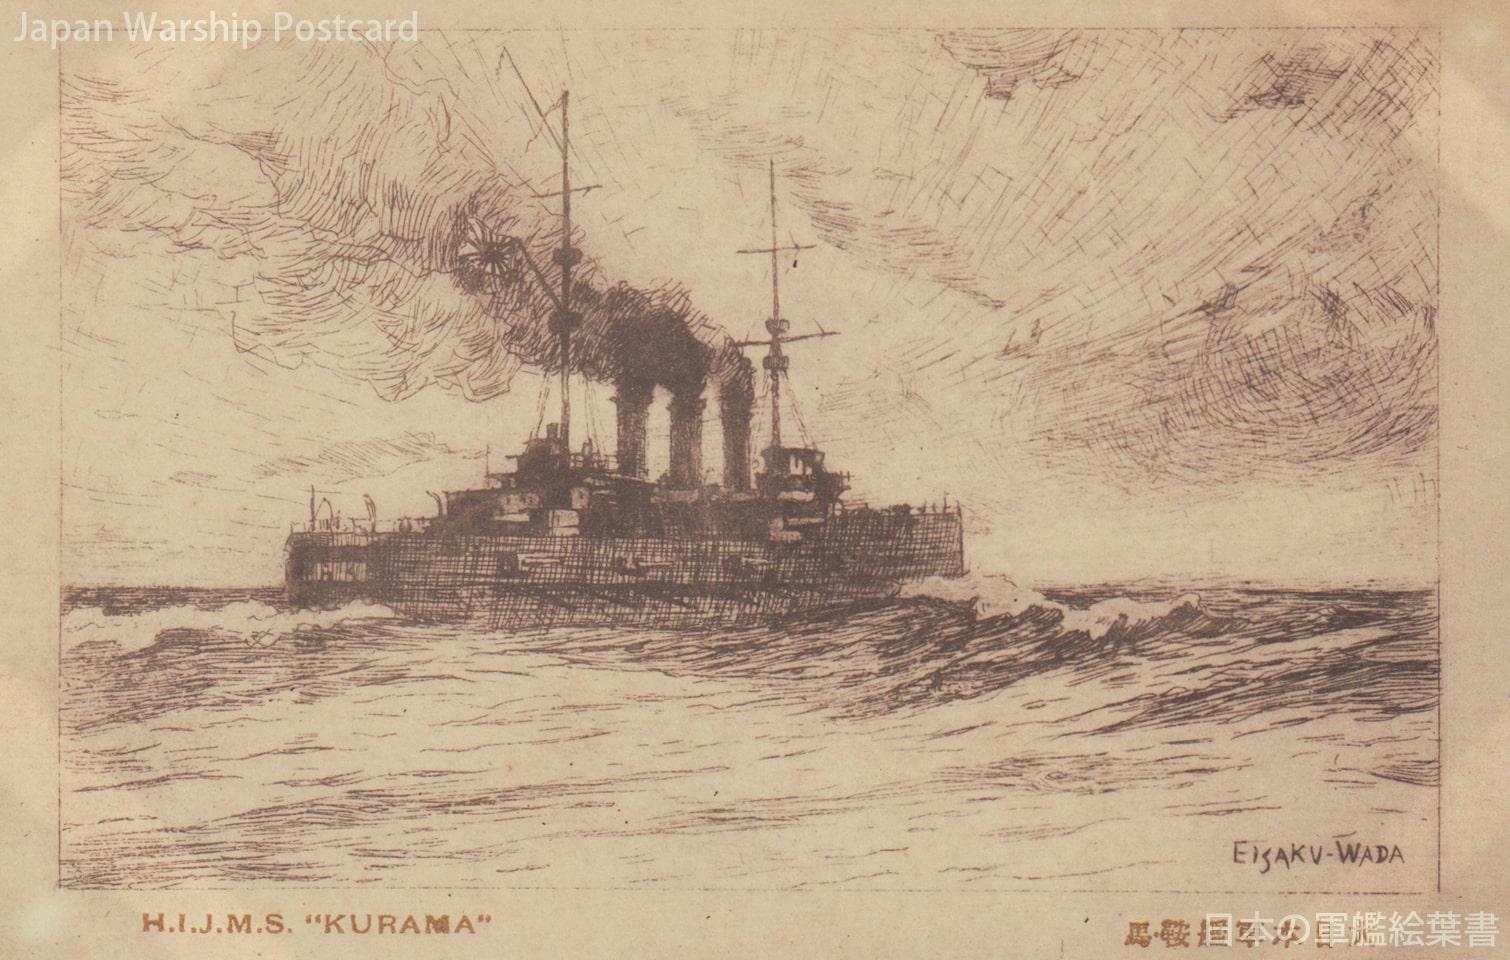 鞍馬型戦艦「鞍馬」